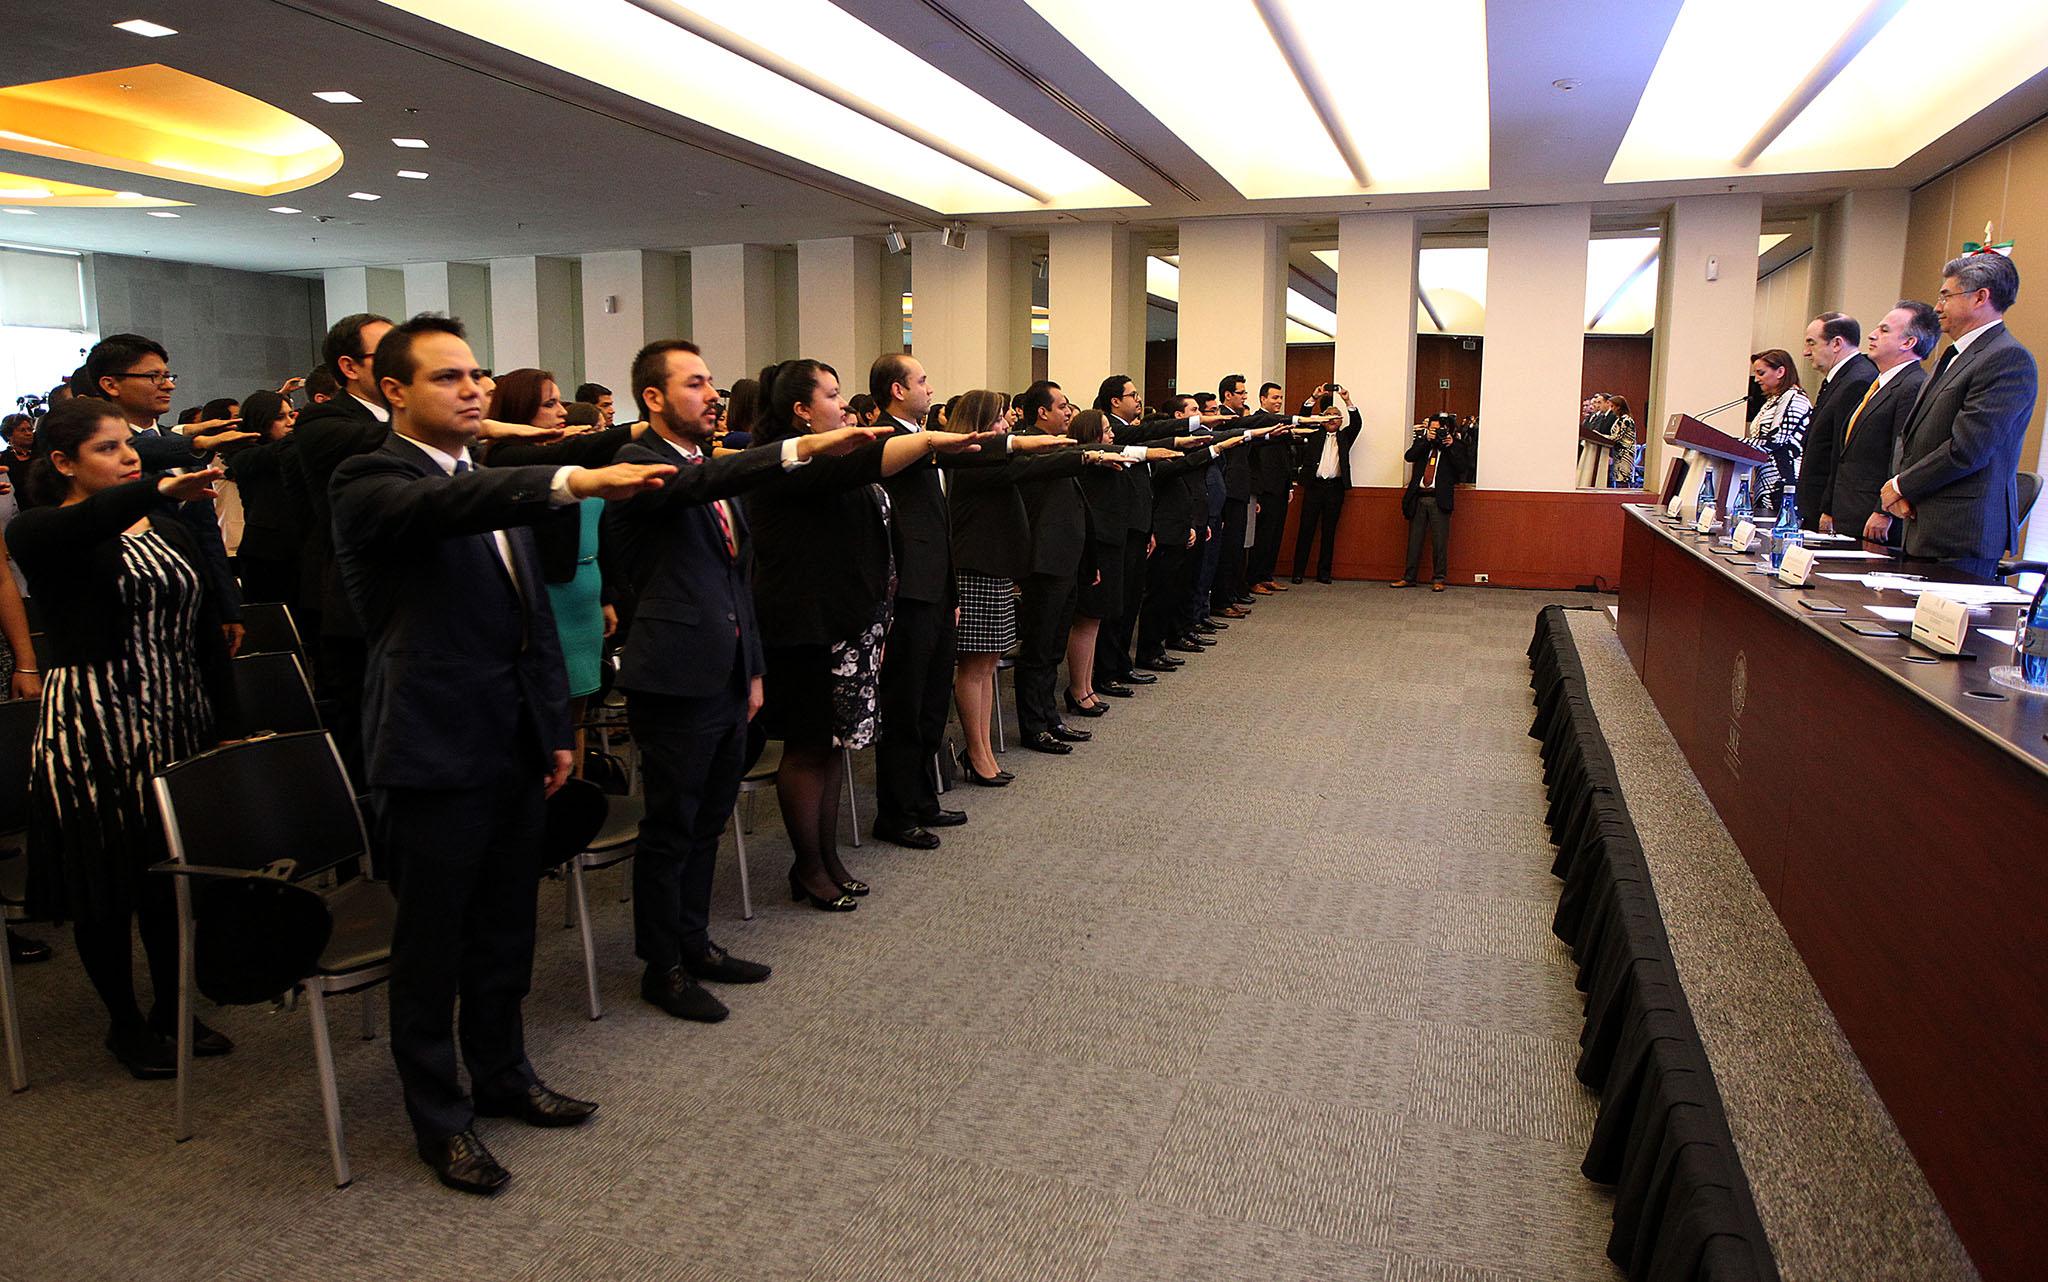 FOTO 3 Canciller Claudia Ruiz Massieu tom  protesta a nuevos integrantes de la rama t cnico administrativa.jpg